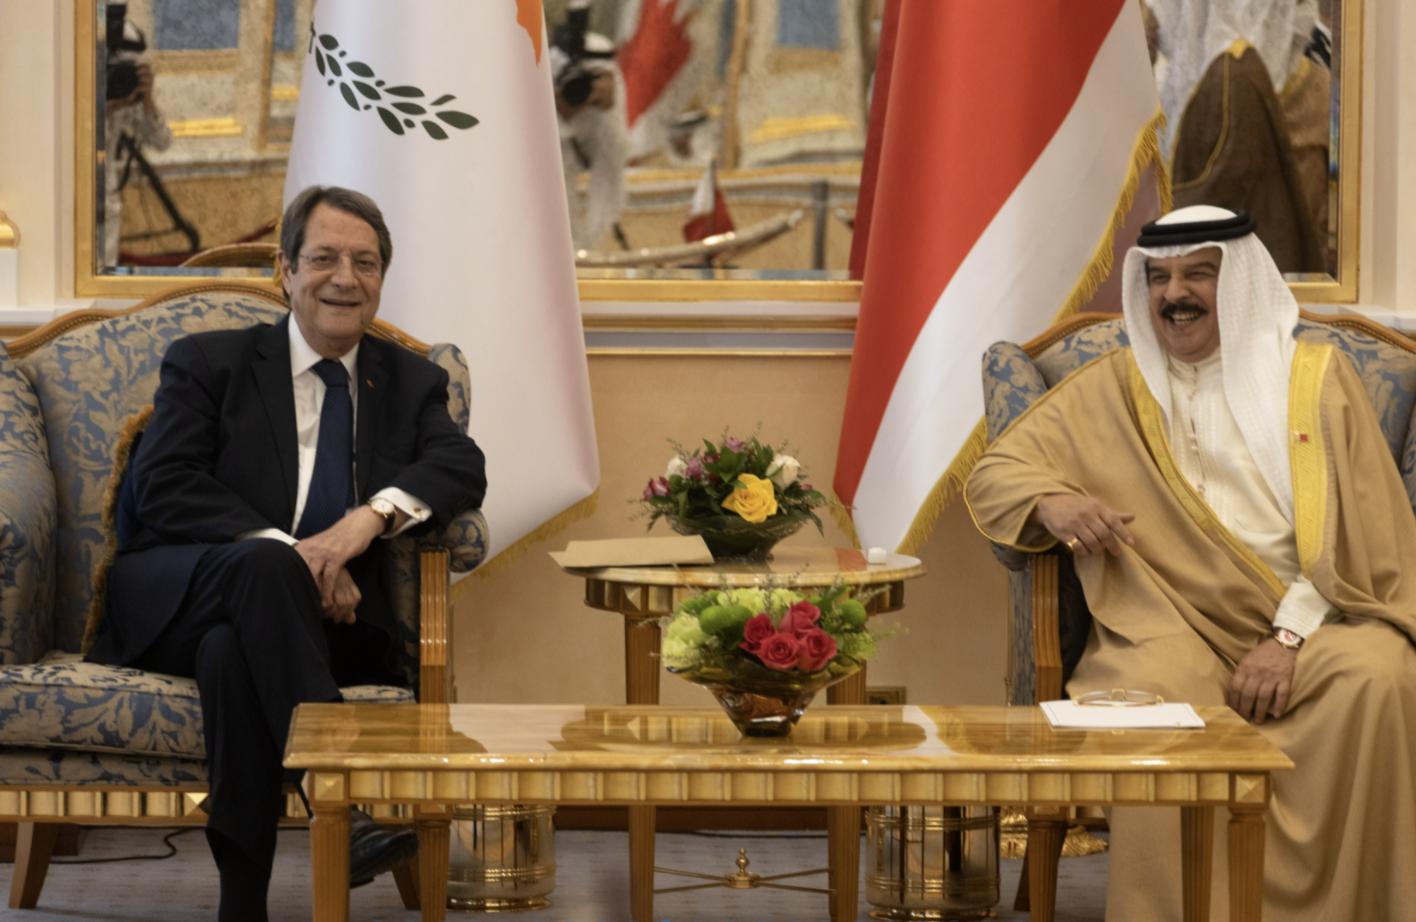 Kipar: Predsednik Anastasiades u zvaničnoj poseti Bahreinu